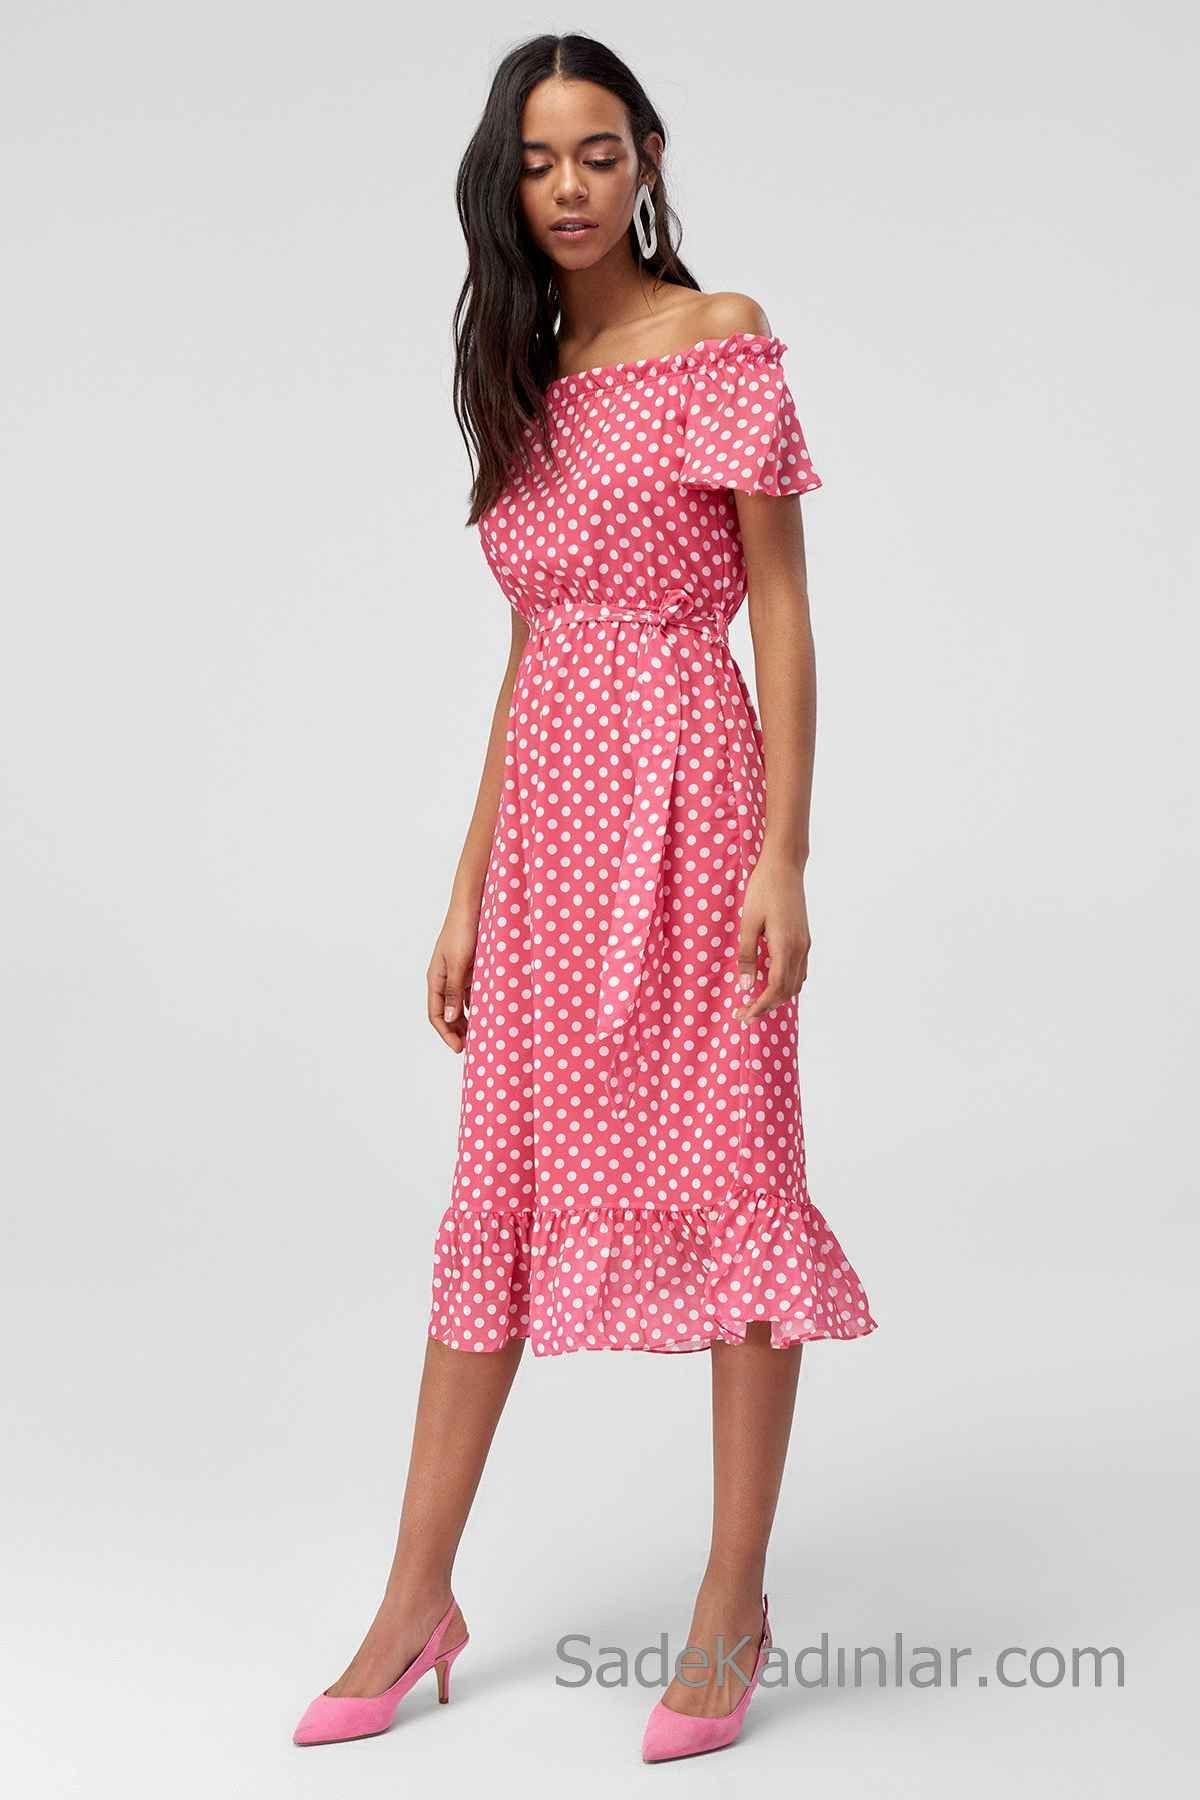 Sevgililer Günü 2019 Elbise Kombin Önerisi